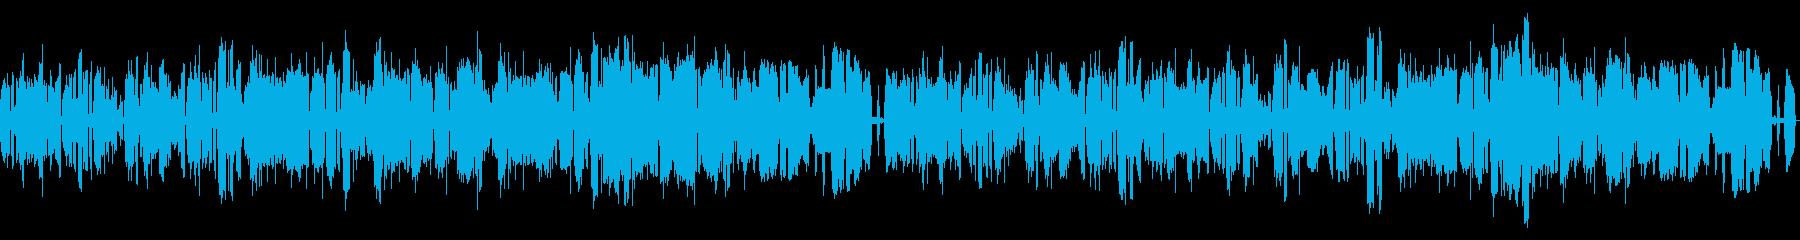 砂漠をイメージ、ヘンテコで緊張感のある曲の再生済みの波形